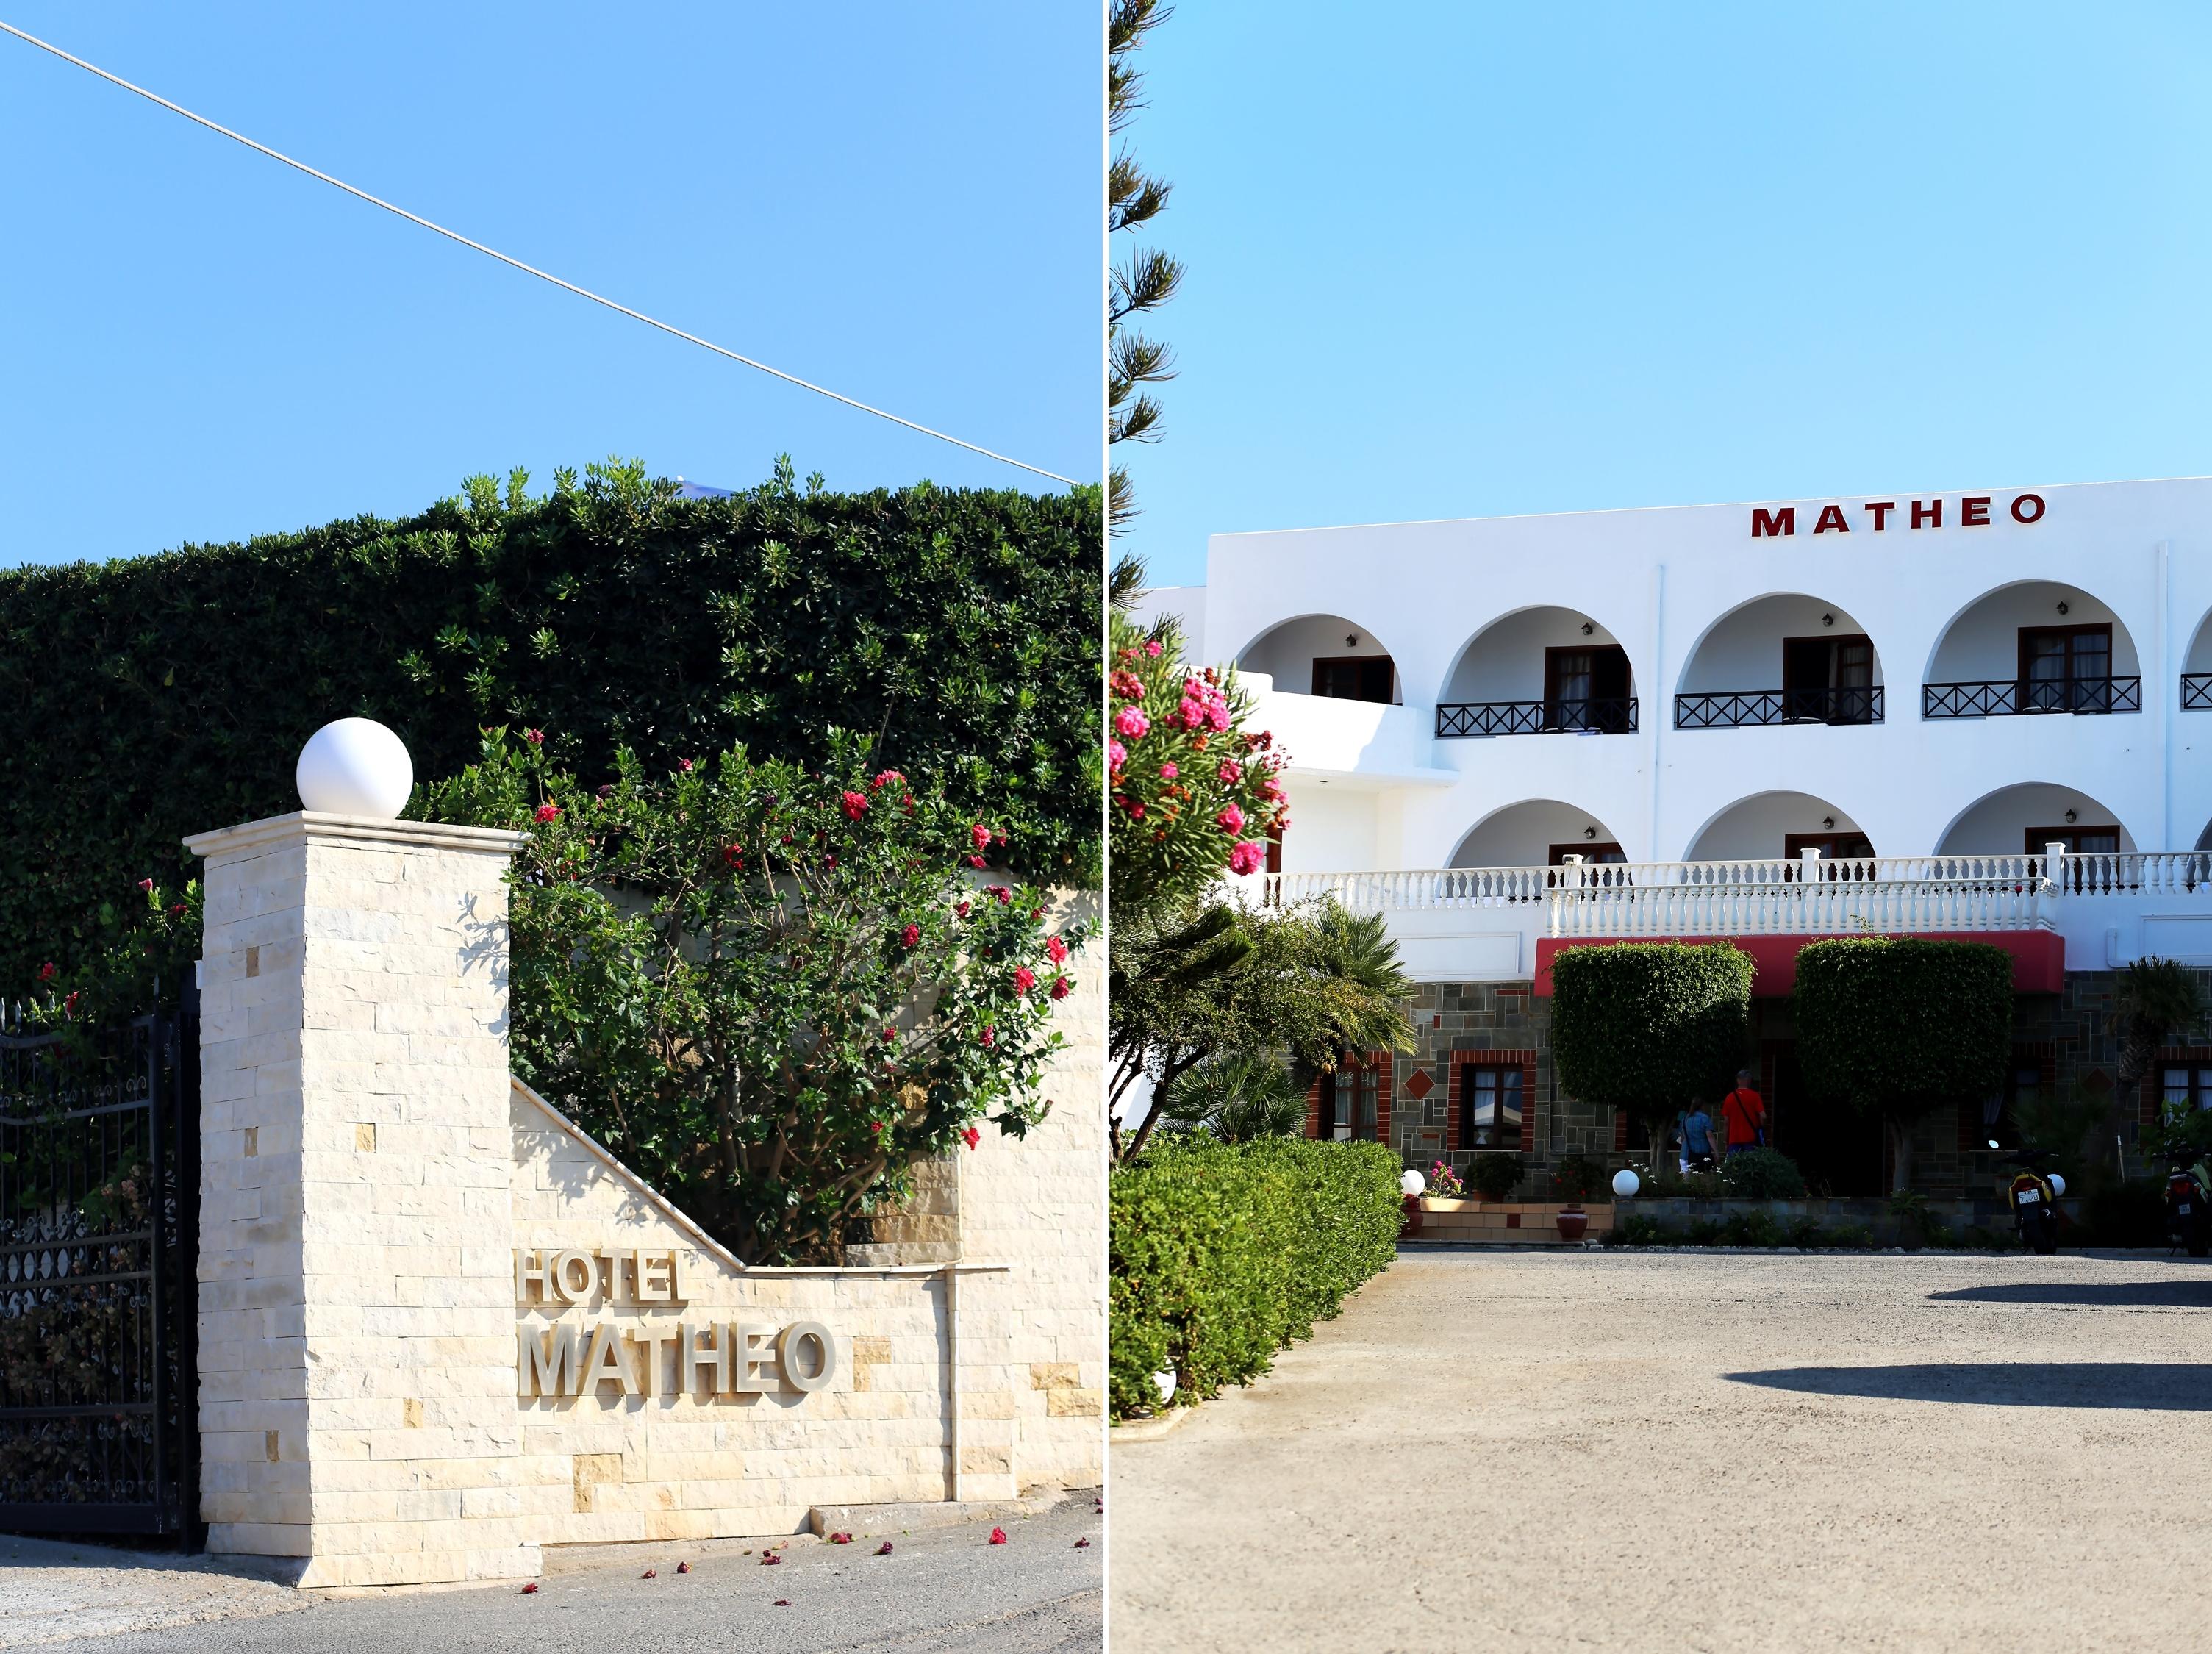 hotel matheo (1)a-horz